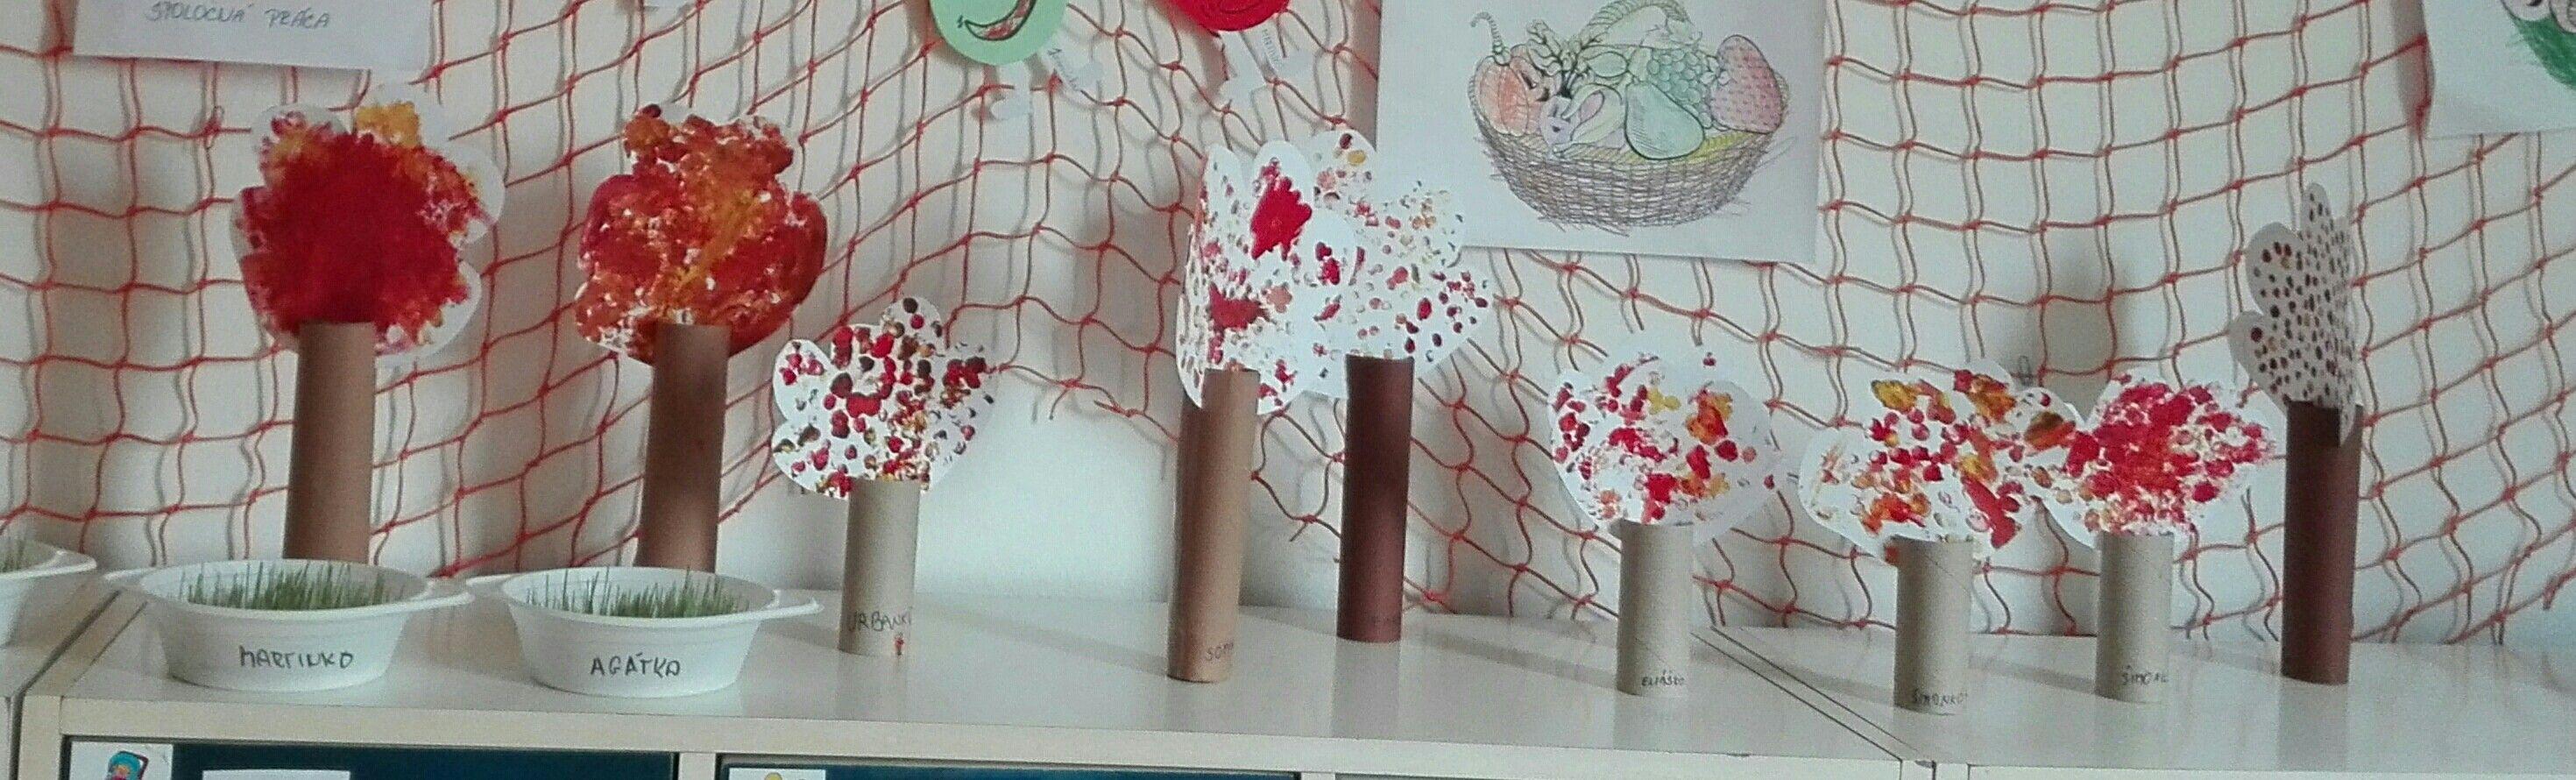 Treespreschoolnaturestromfallautumnjesen Preschool